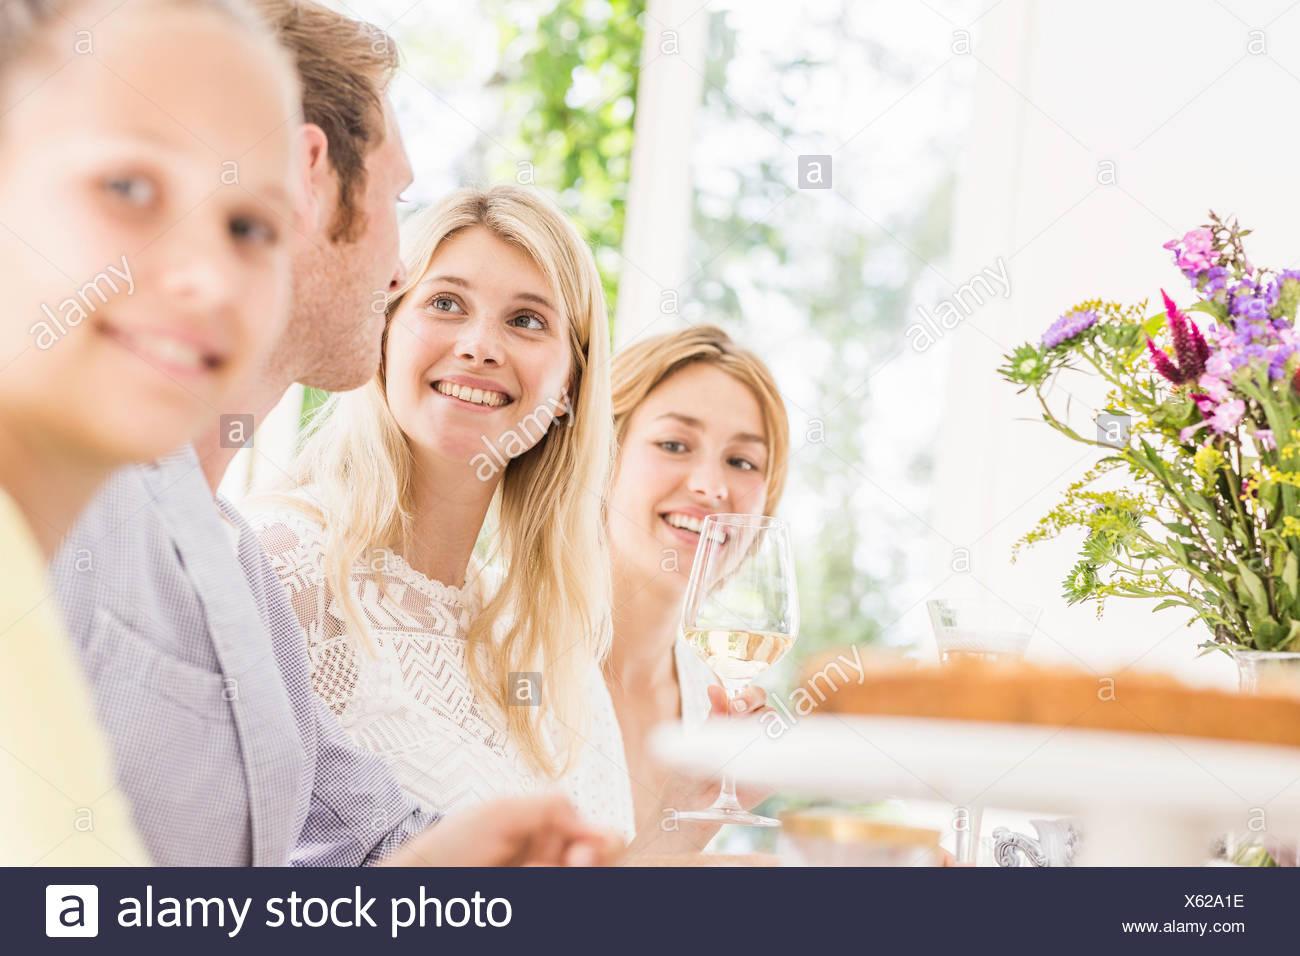 Chica y adultos en la fiesta de cumpleaños Imagen De Stock